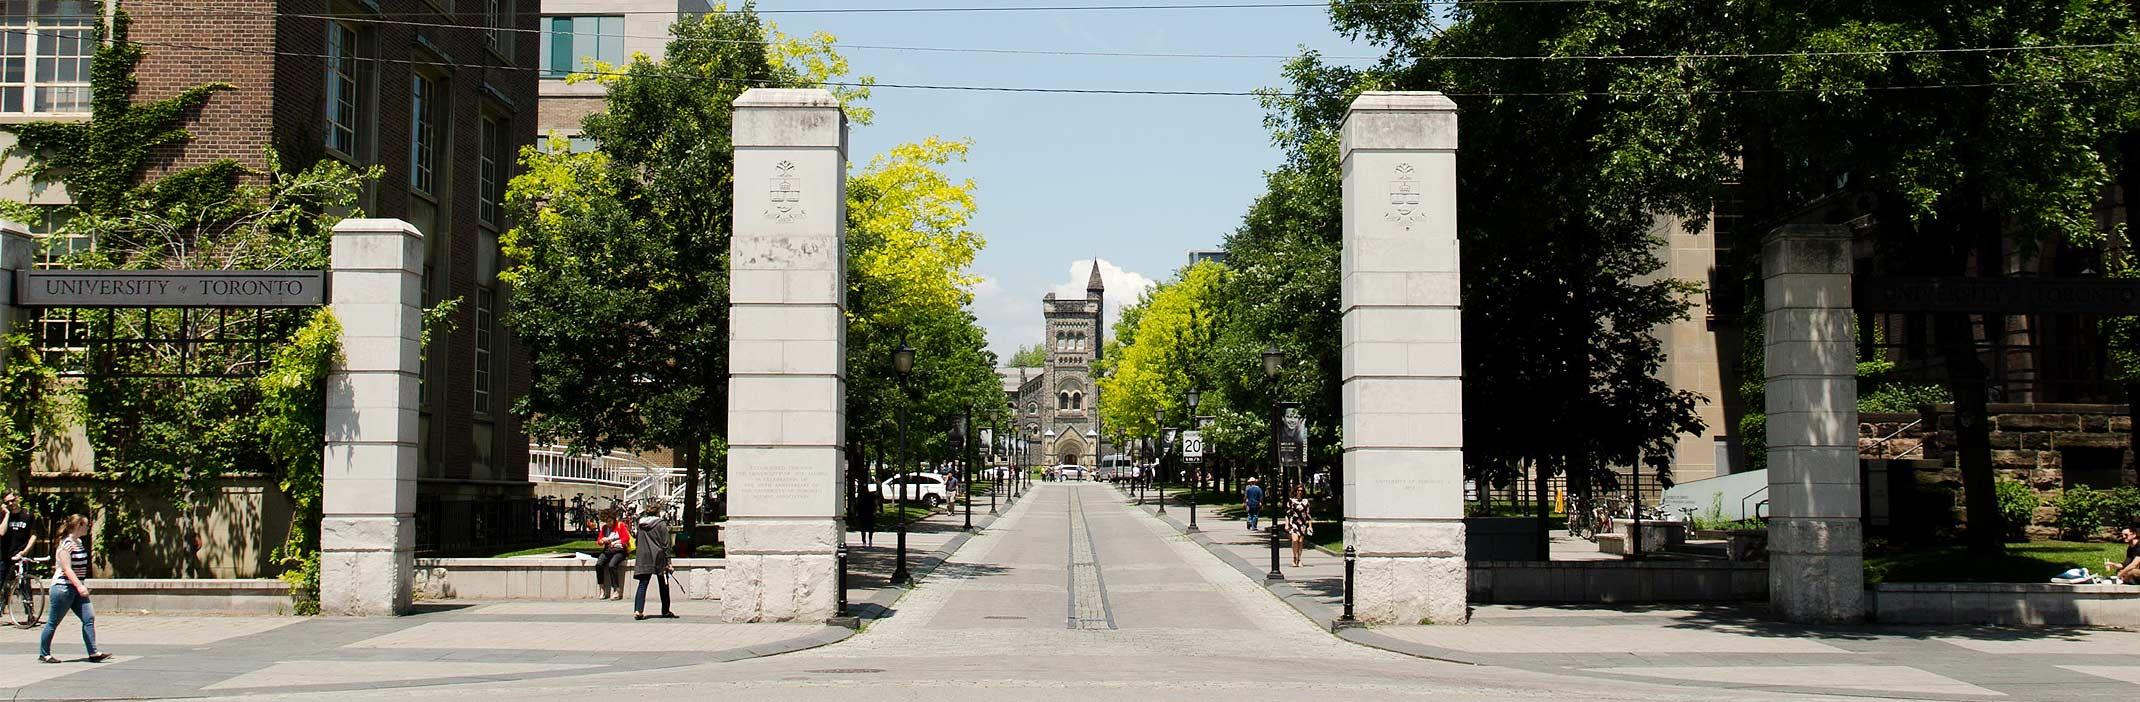 U of T Campus south gate